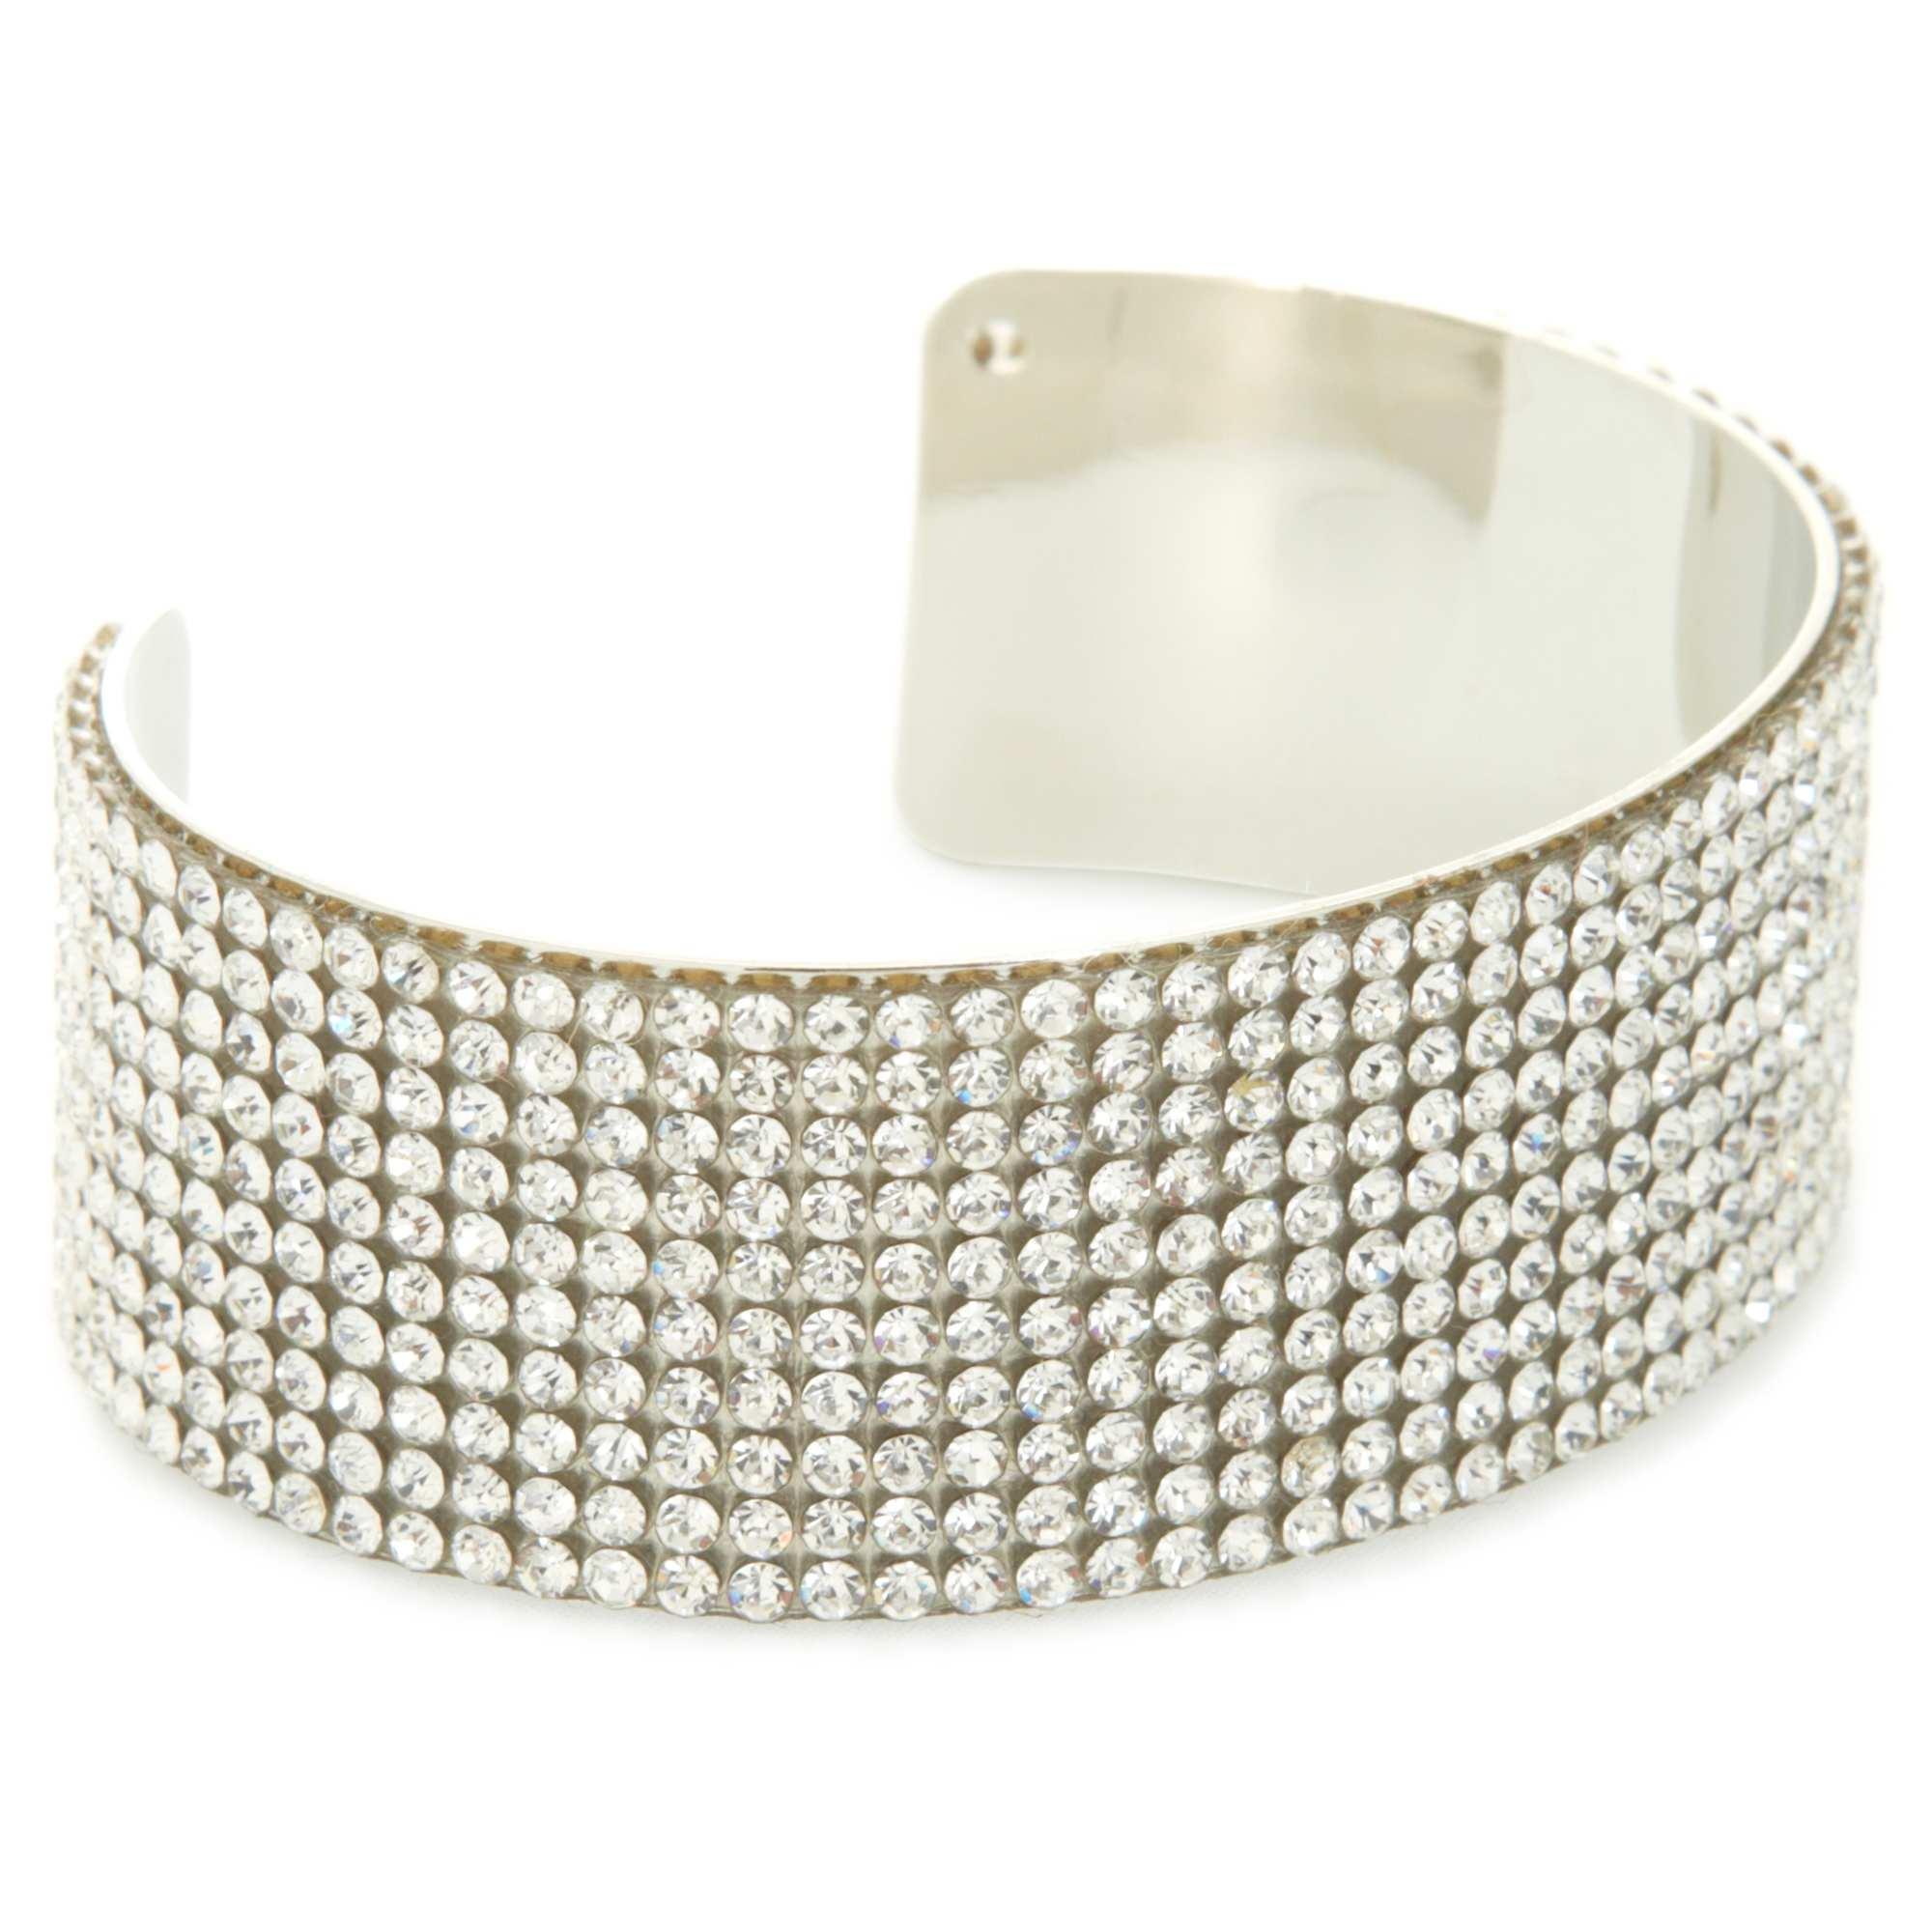 Bracelet rigide à strass argent Femme. Loading zoom